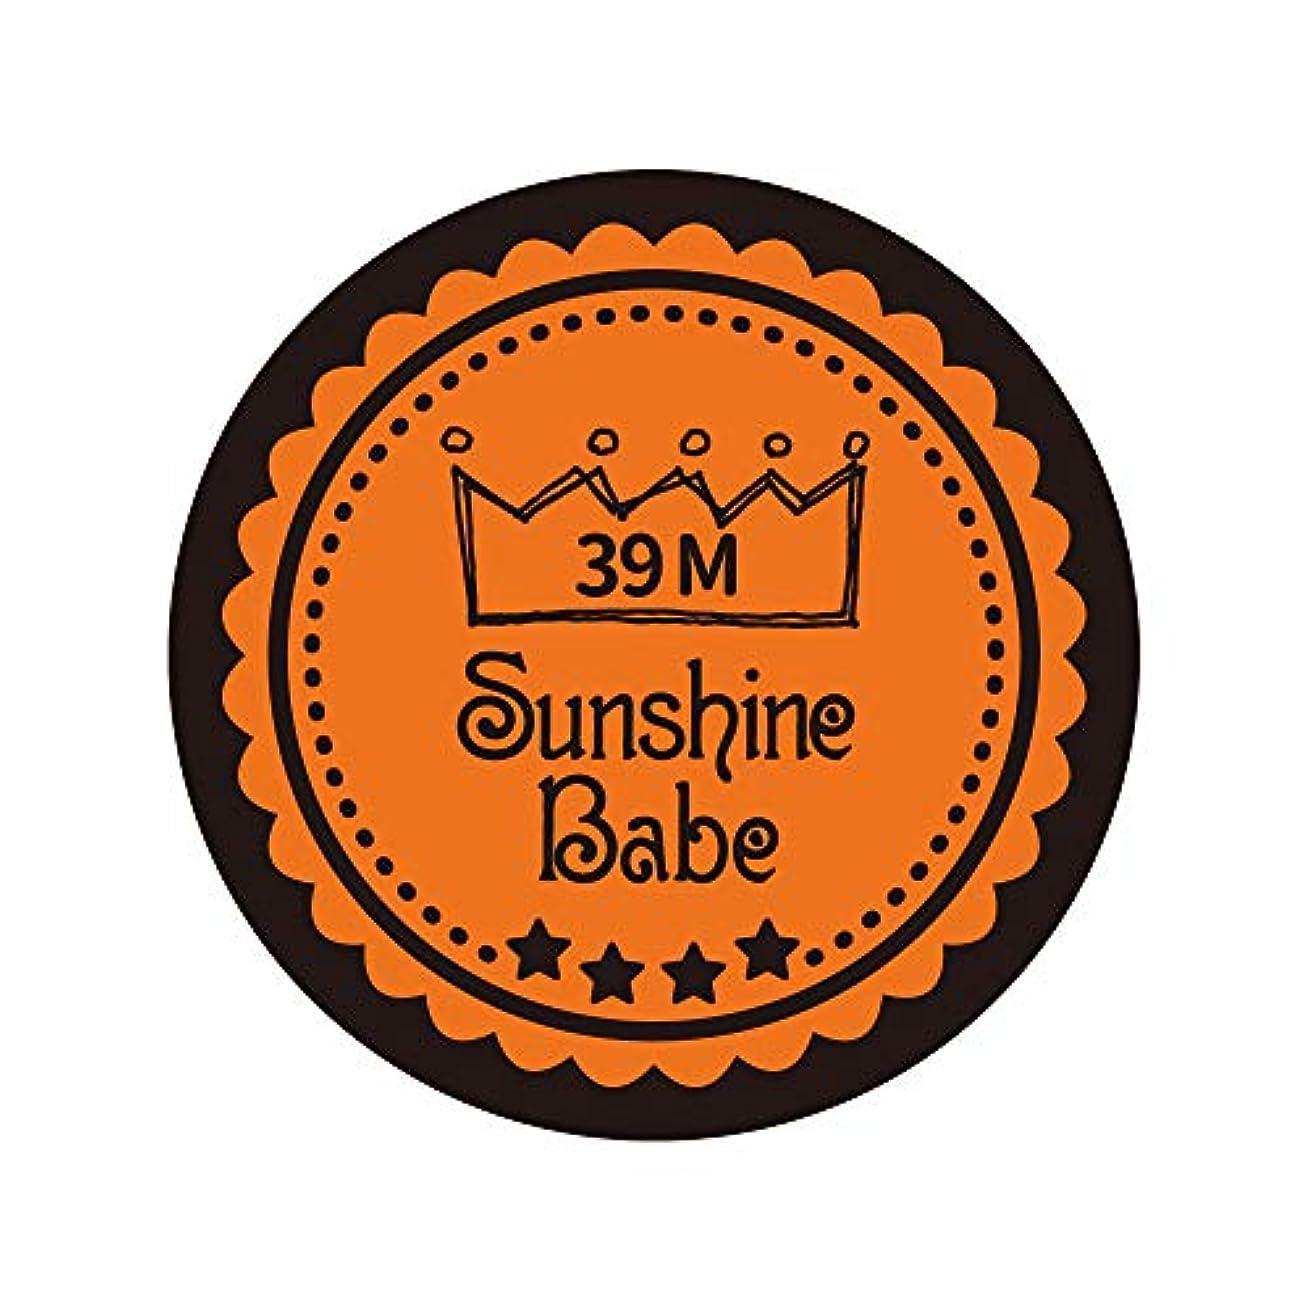 バケットお金ゴム頭蓋骨Sunshine Babe カラージェル 39M ラセットオレンジ 4g UV/LED対応